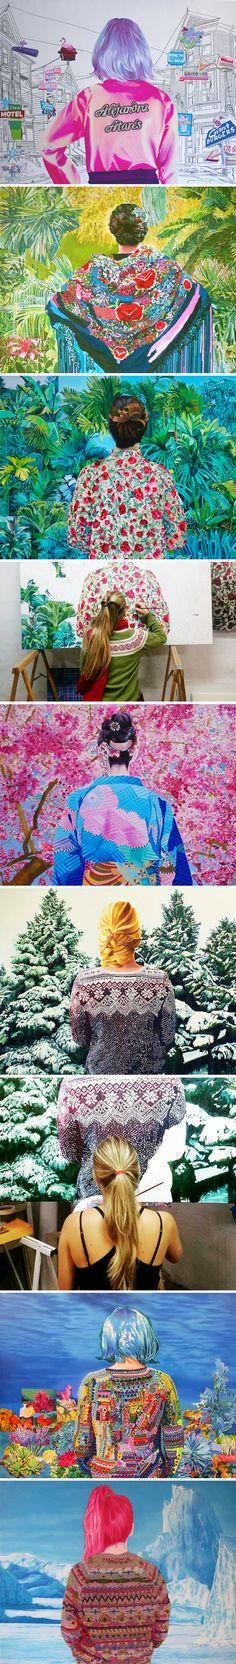 paintings by alejandra atares